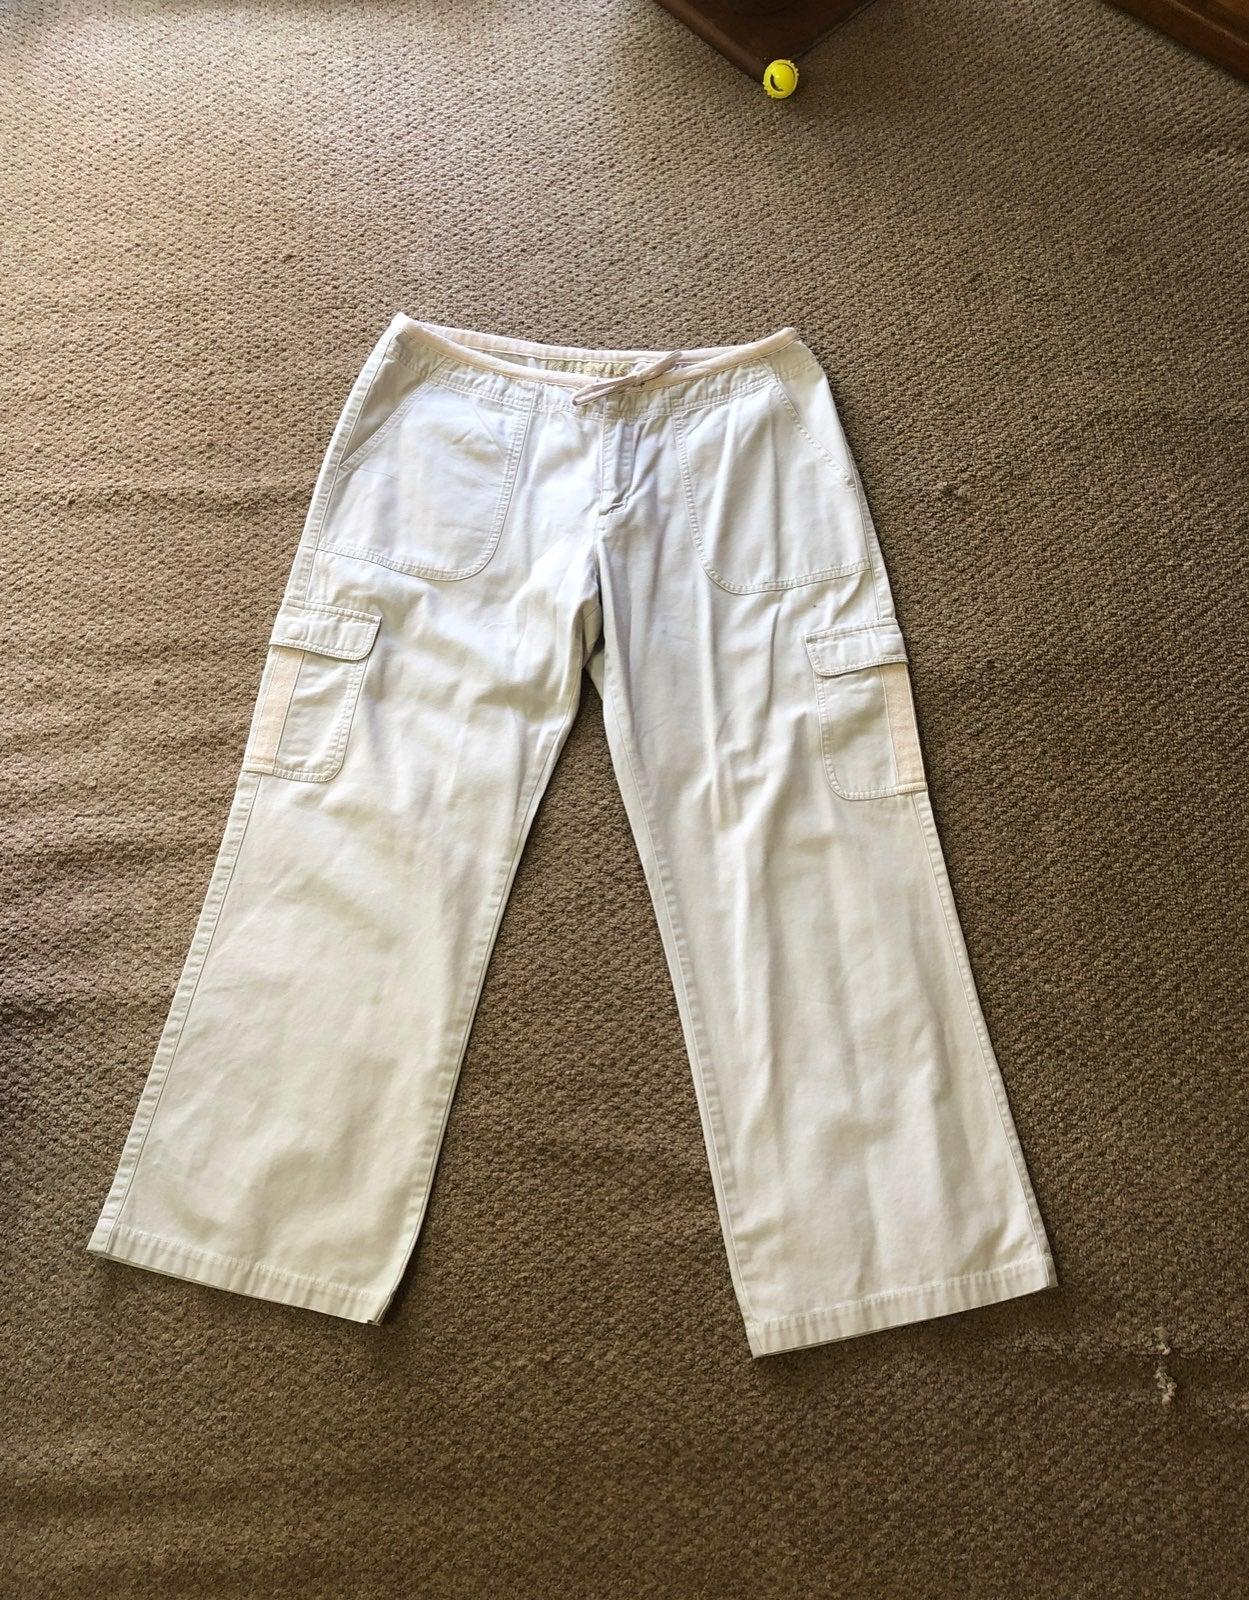 Cabelas casual pants size 16